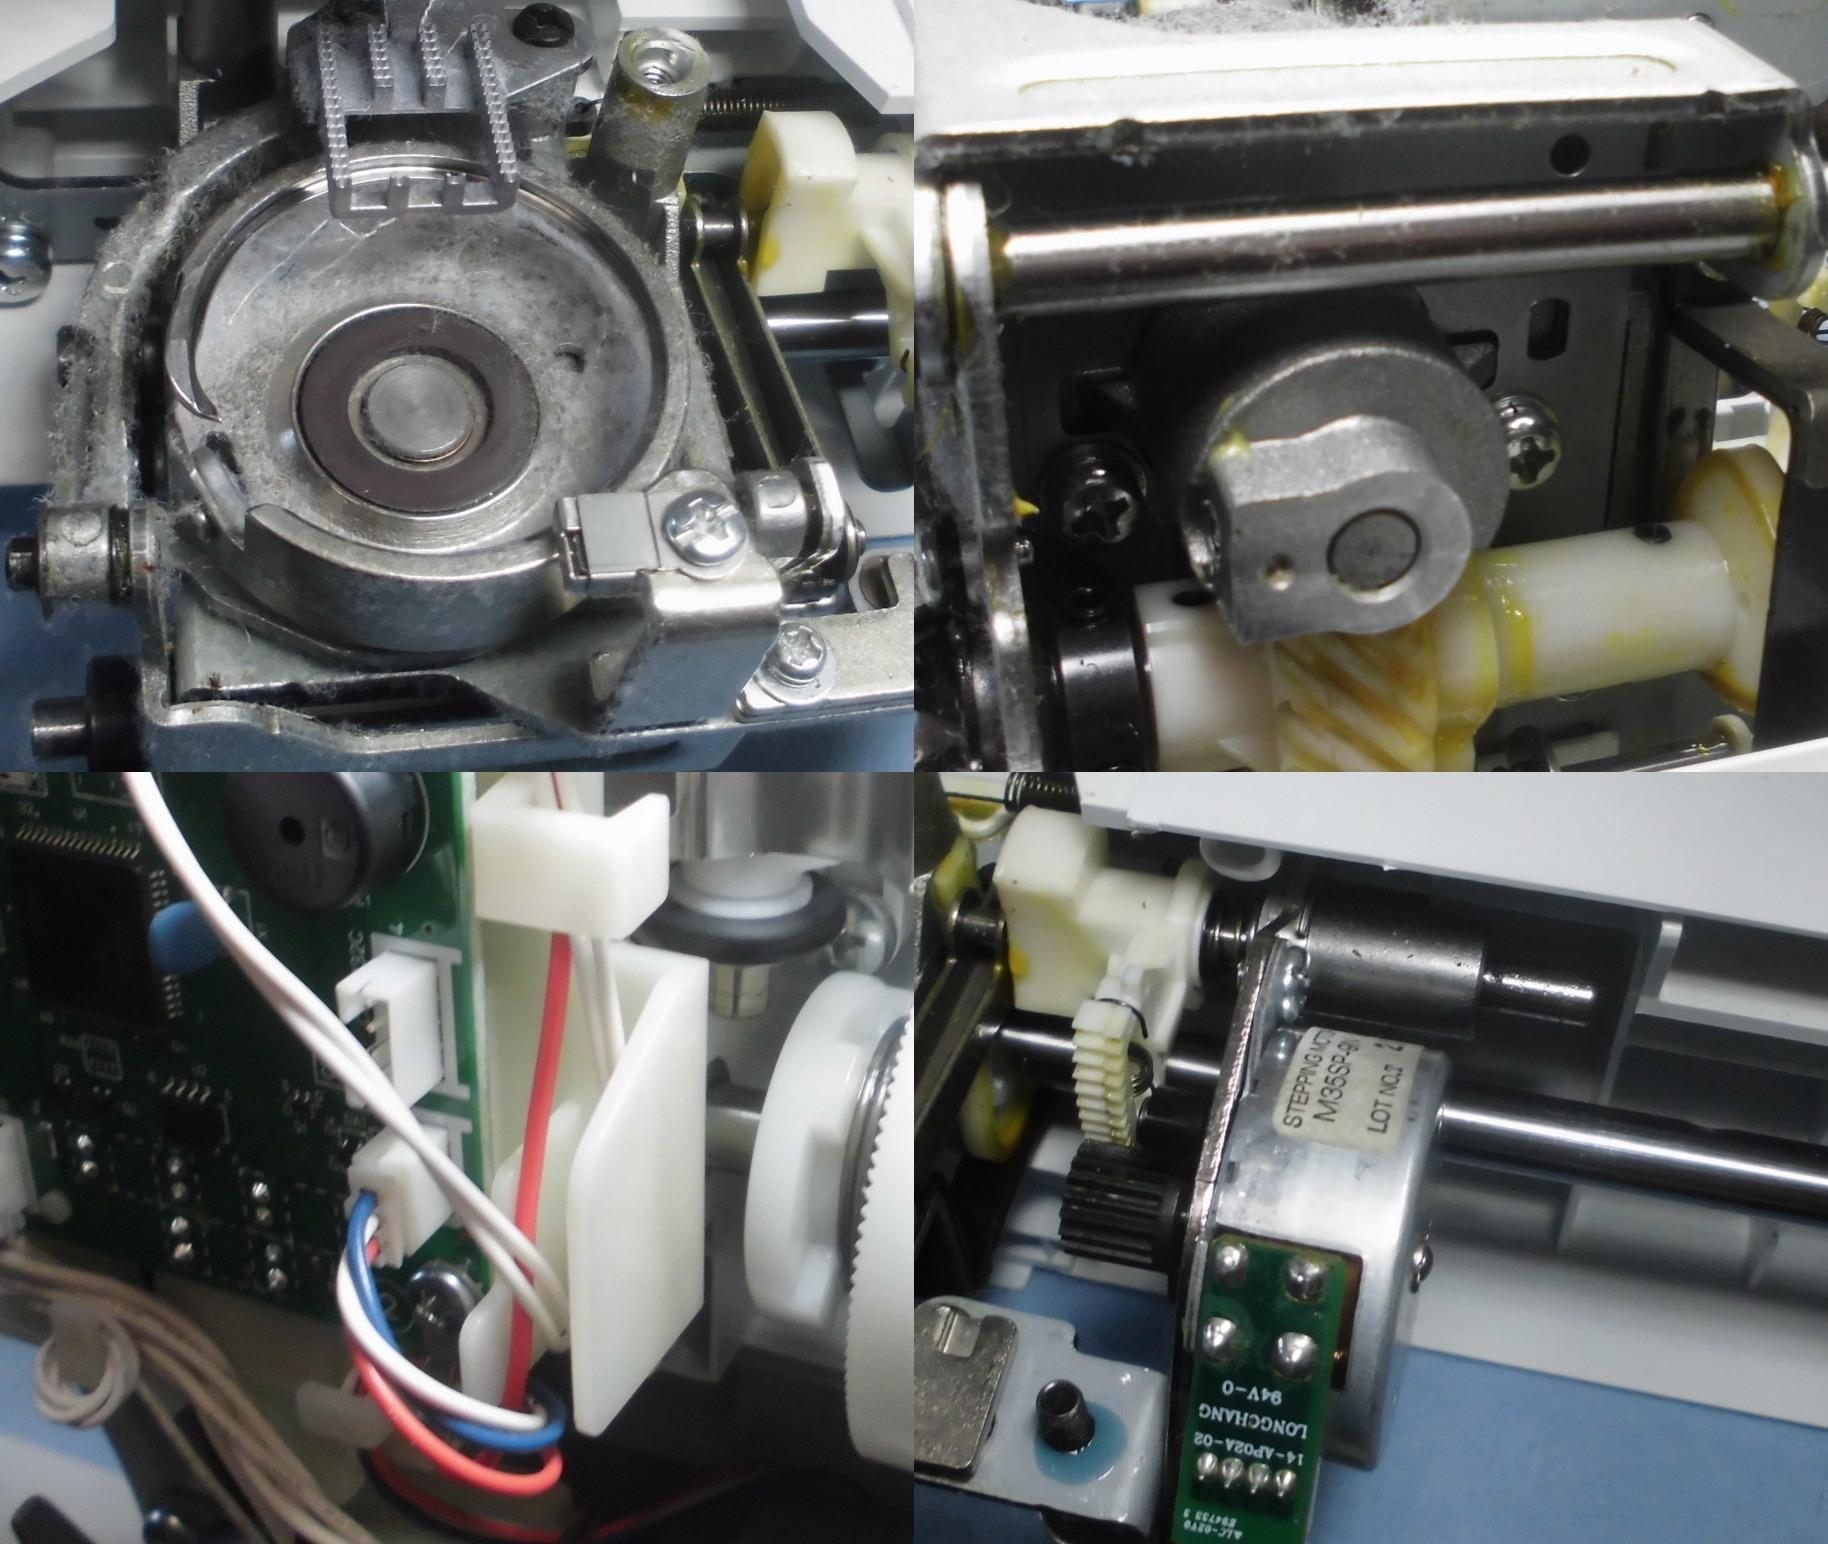 ブラザーミシンPS203の故障や不具合 エラーE6、固着、部品の焼き付き、釜ずれ